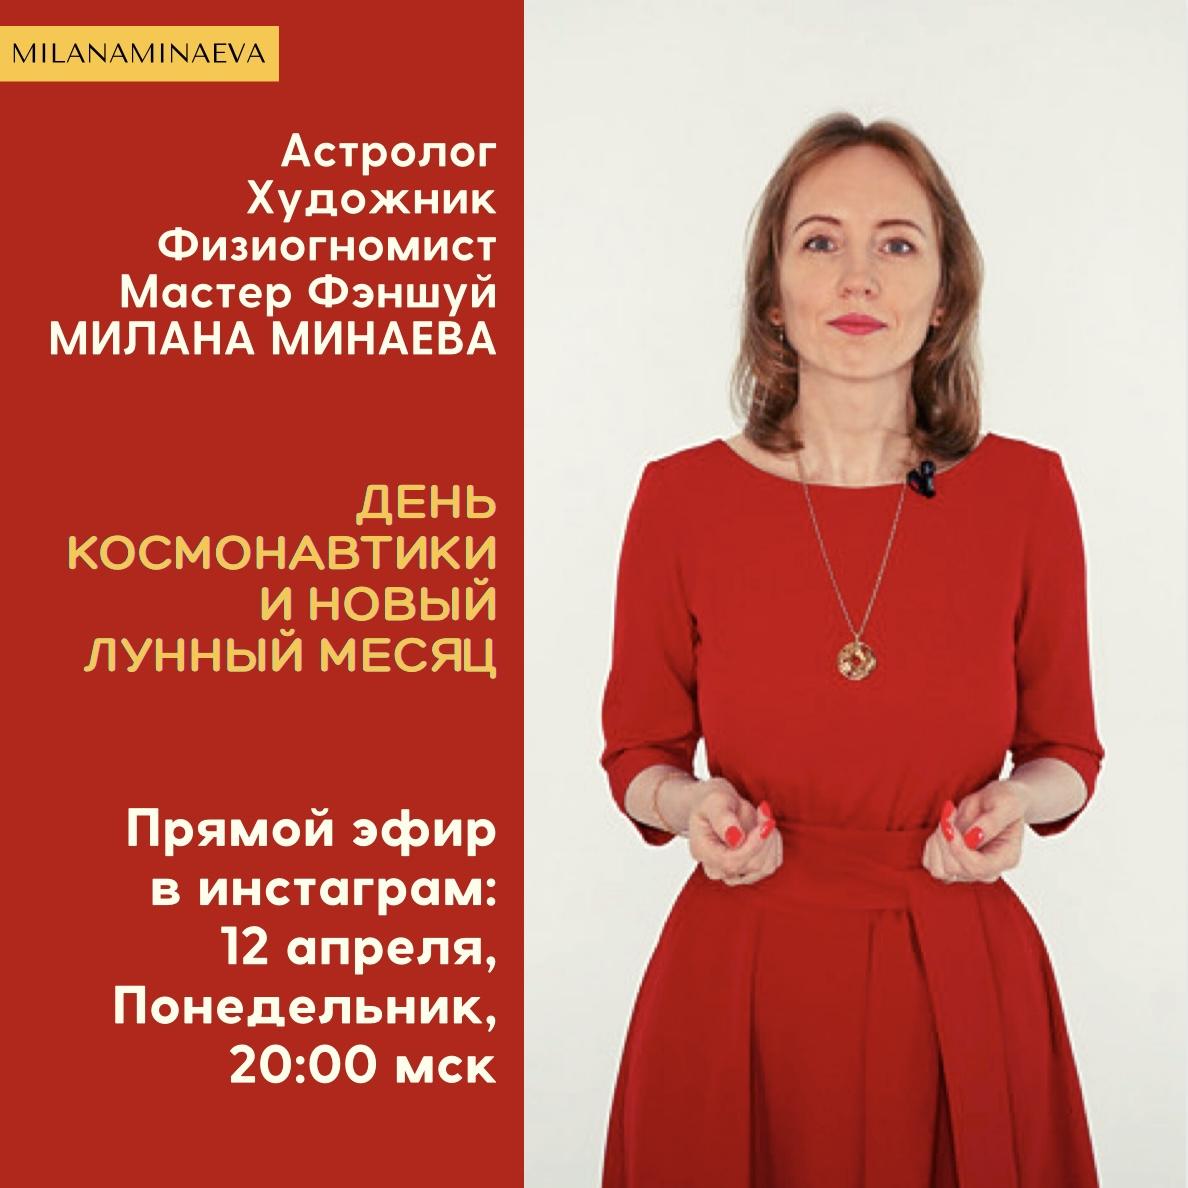 Милана Минаева - о чём говорит шрам на лице Юрия Гагарина - Milana.Ru